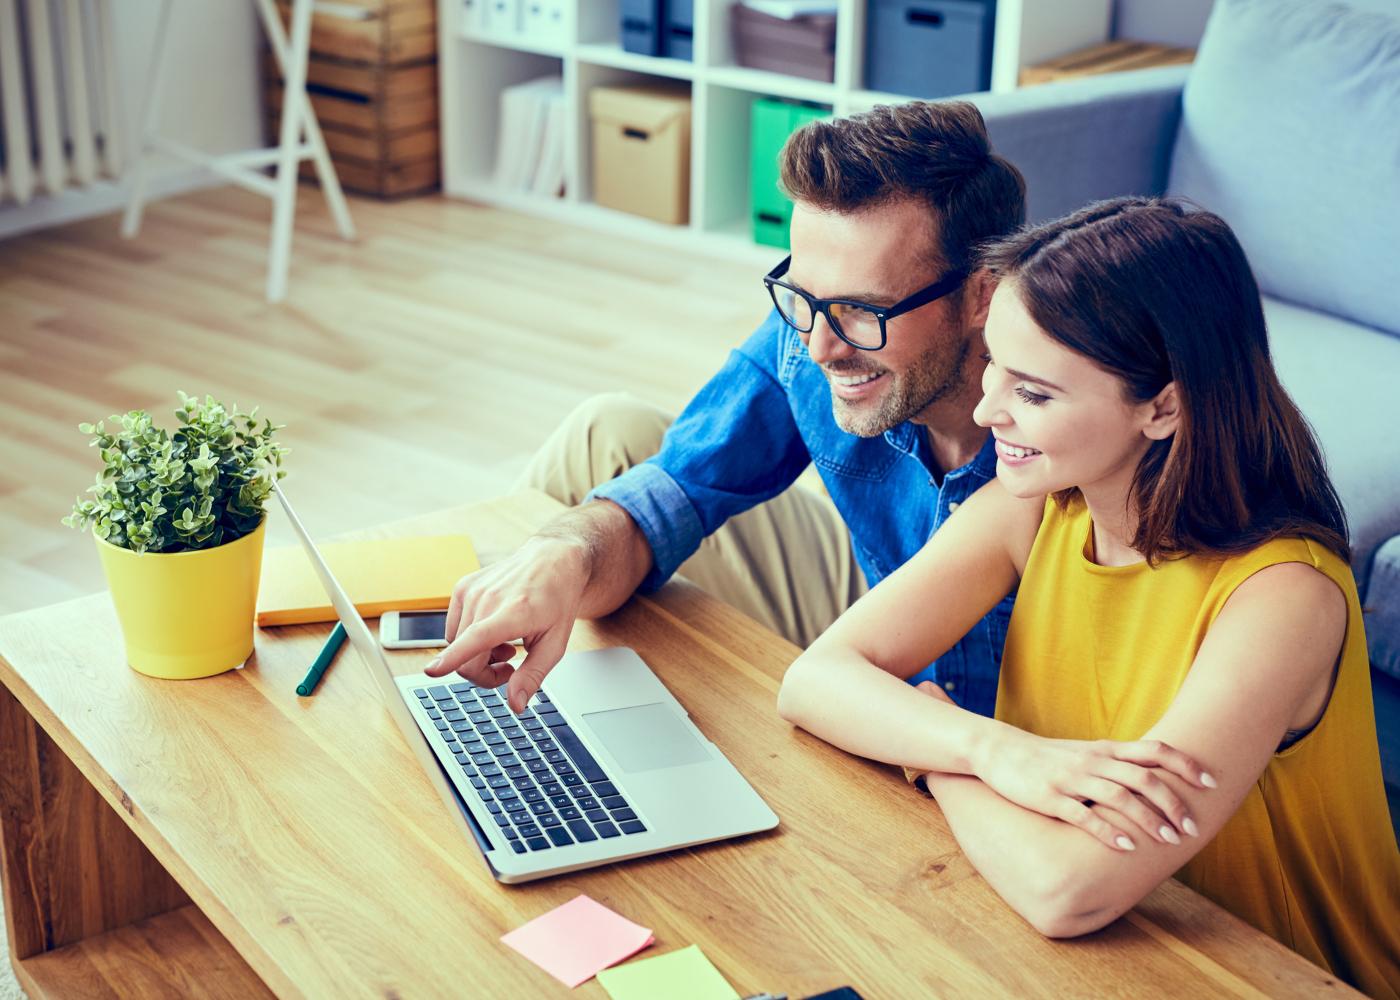 casal a ver lojas online para comprar móveis no computador